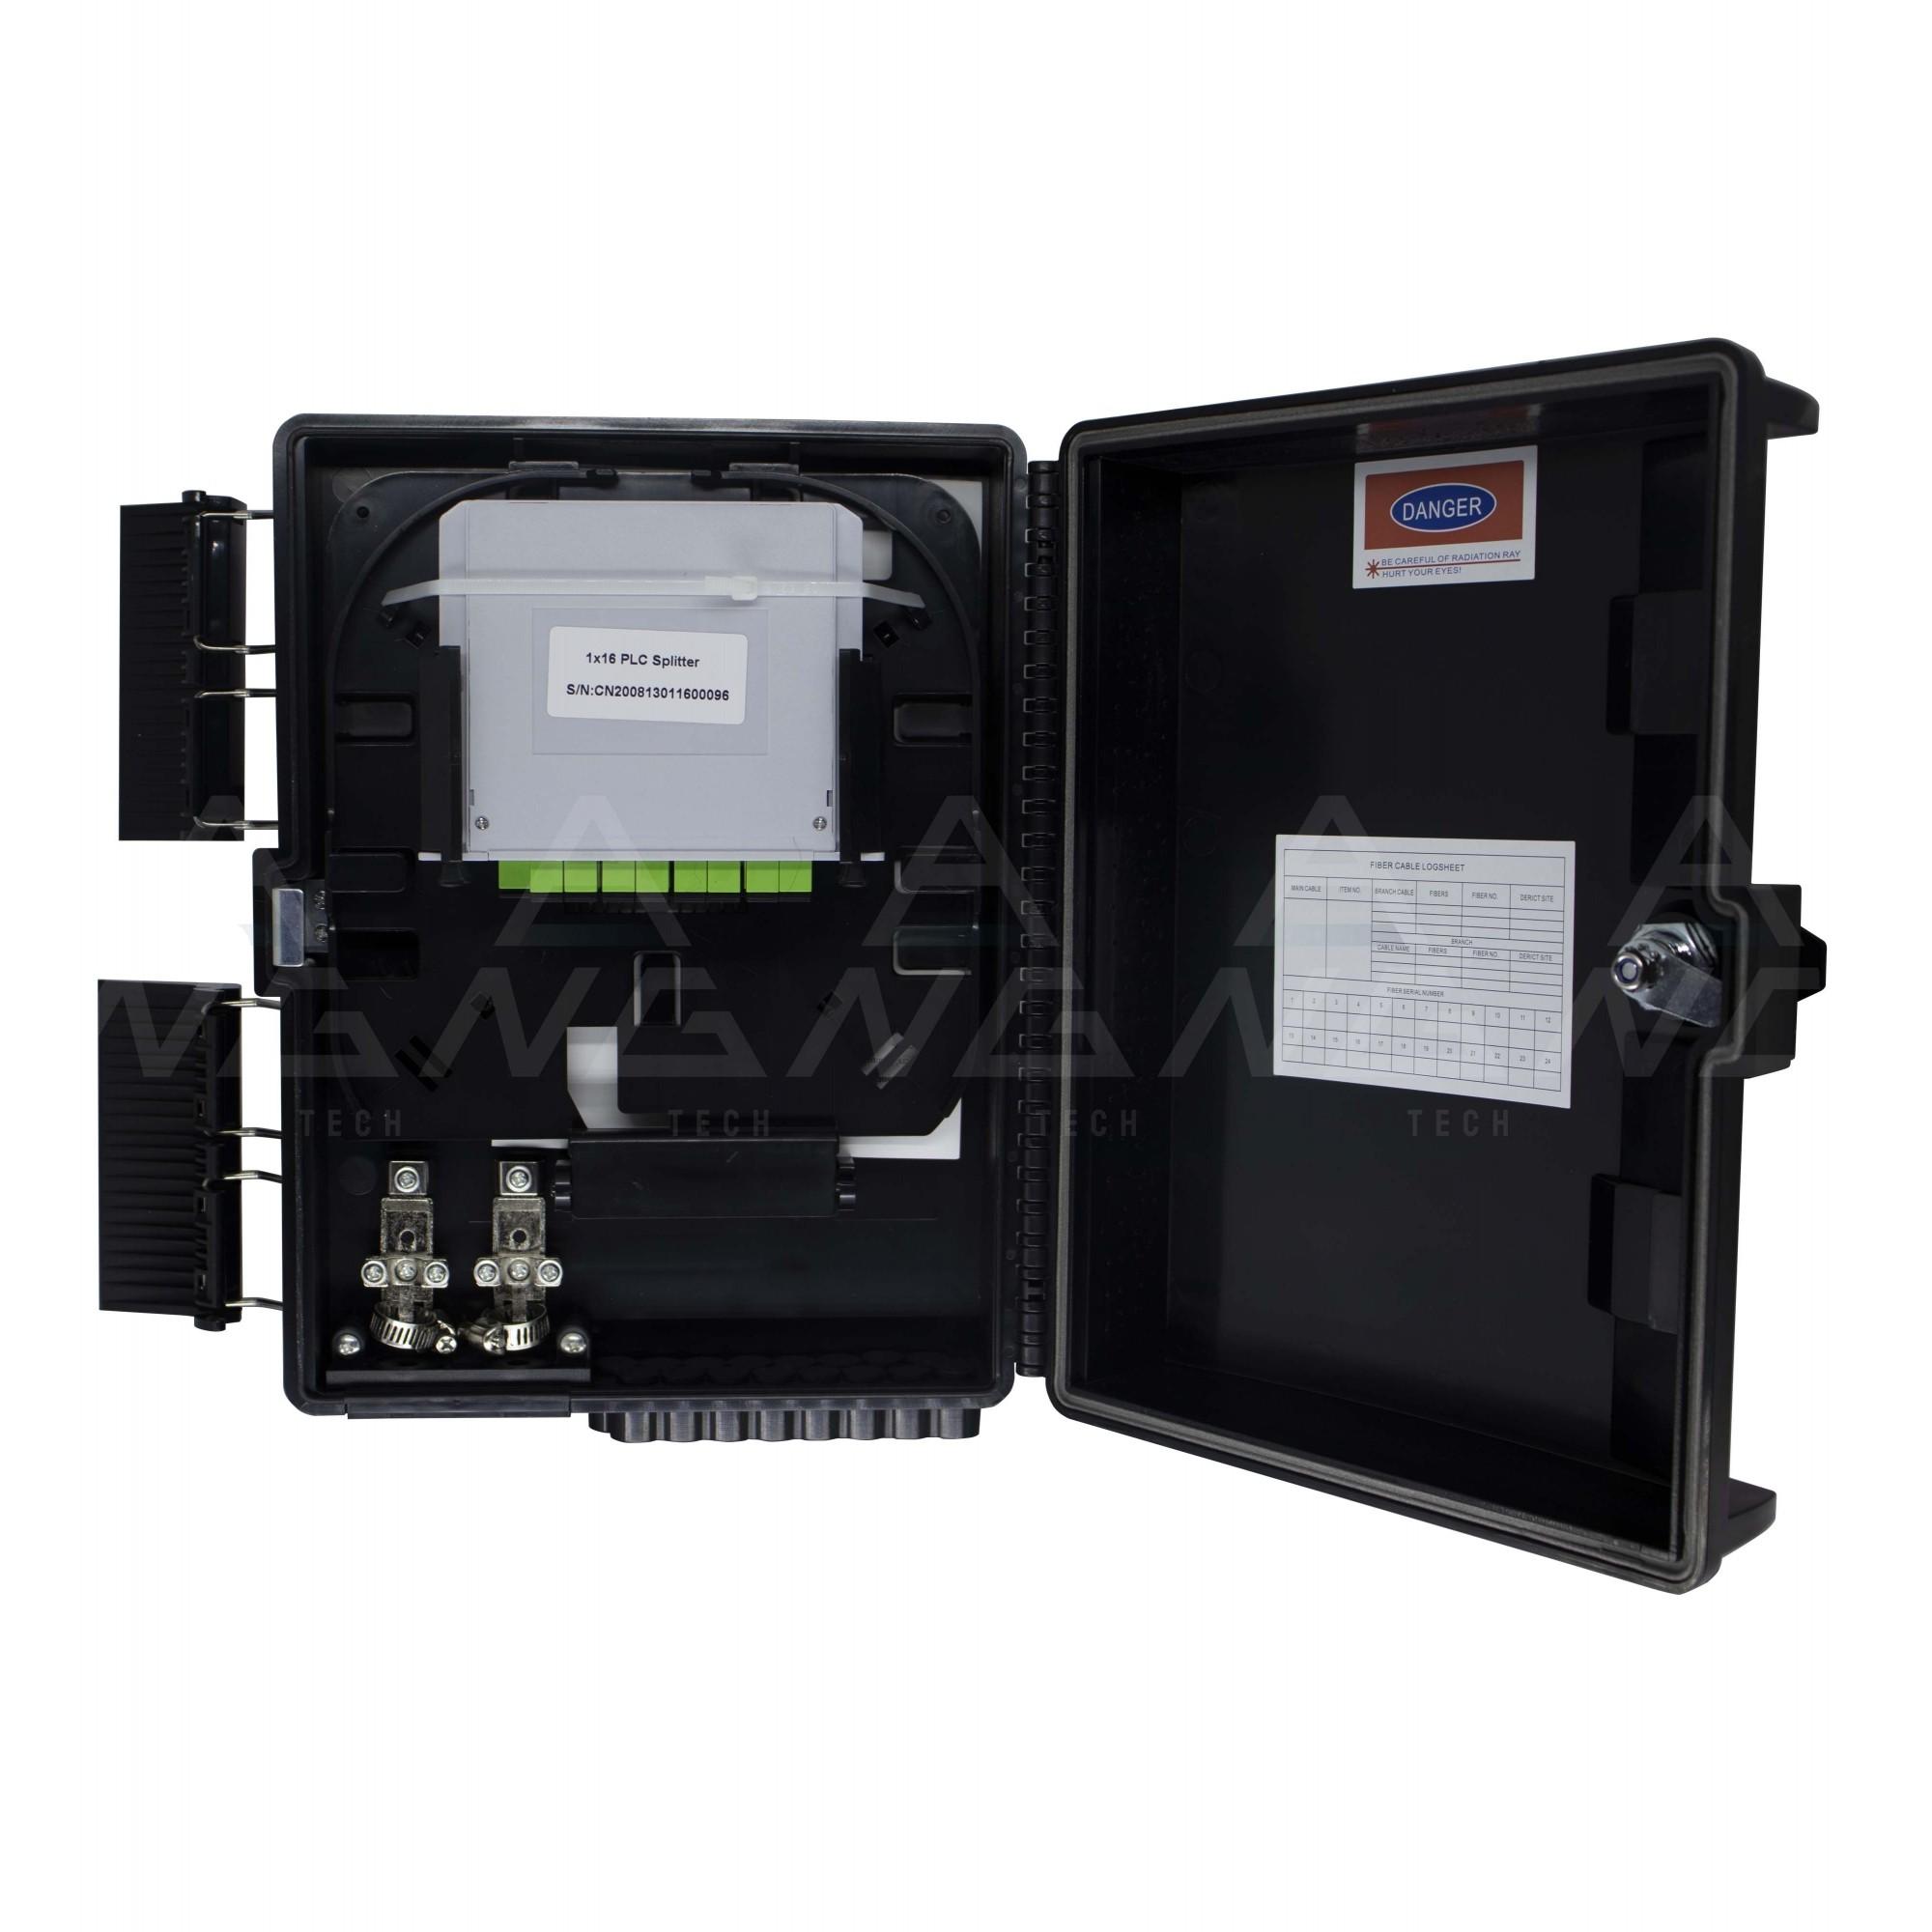 CTO Cassete 1x16apc - Caixa de atendimento montada Modular com um Splitter 1x16 SC/APC  e adaptadores